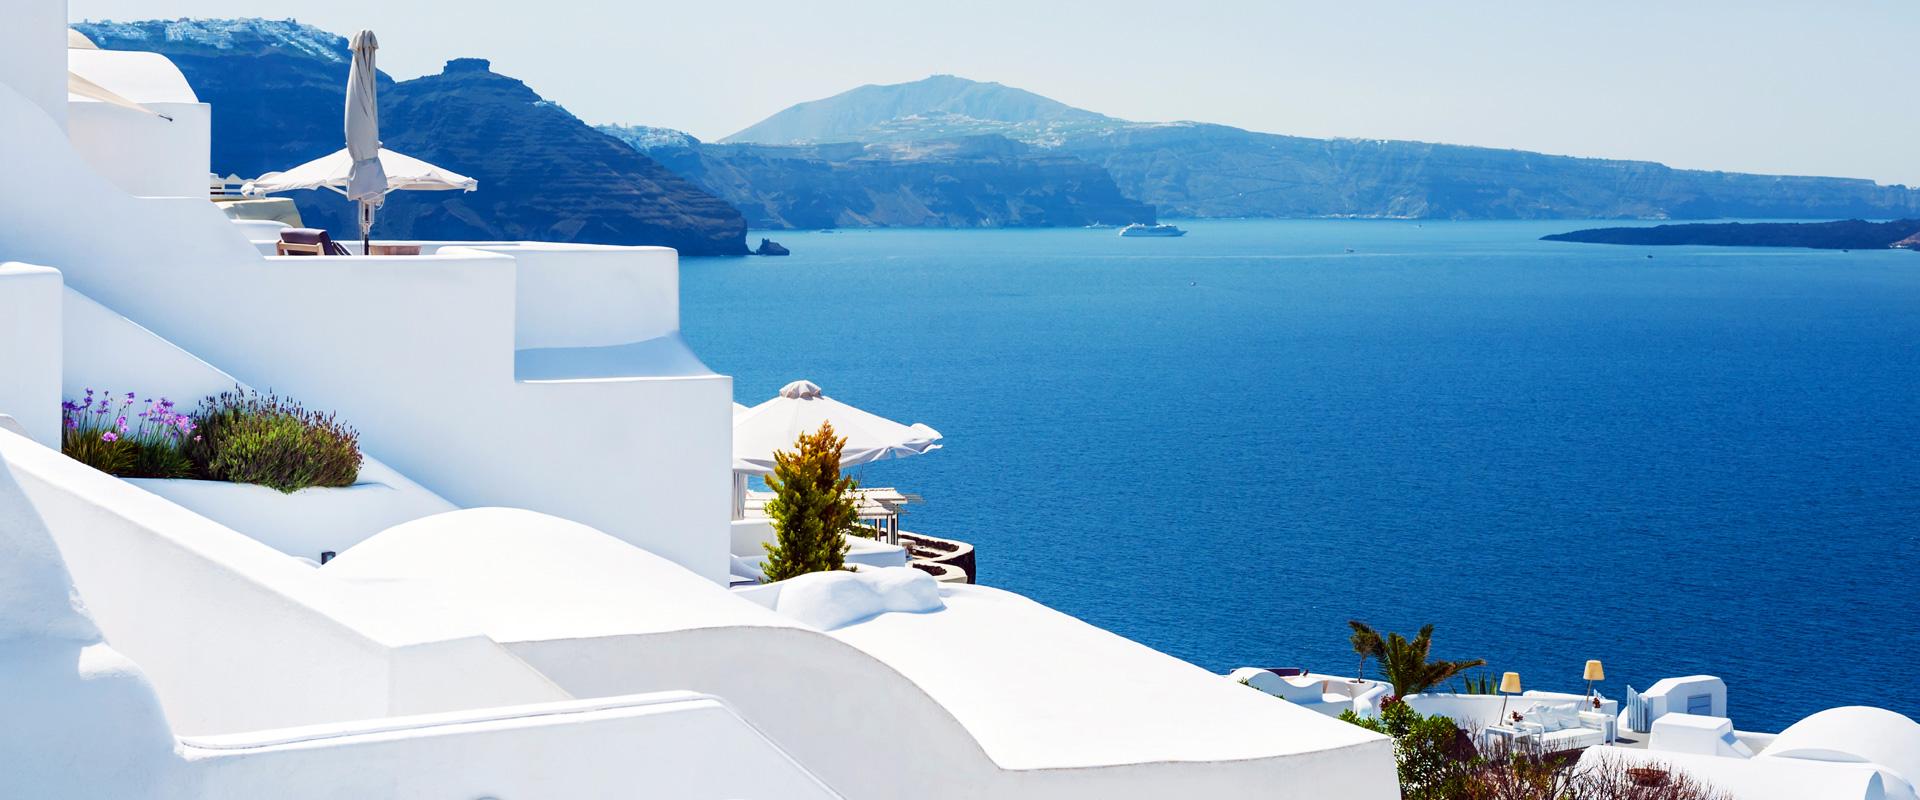 vacance-voyage-croisieres-decouvertes-tout-inclus-grece-bg-1920x800-01